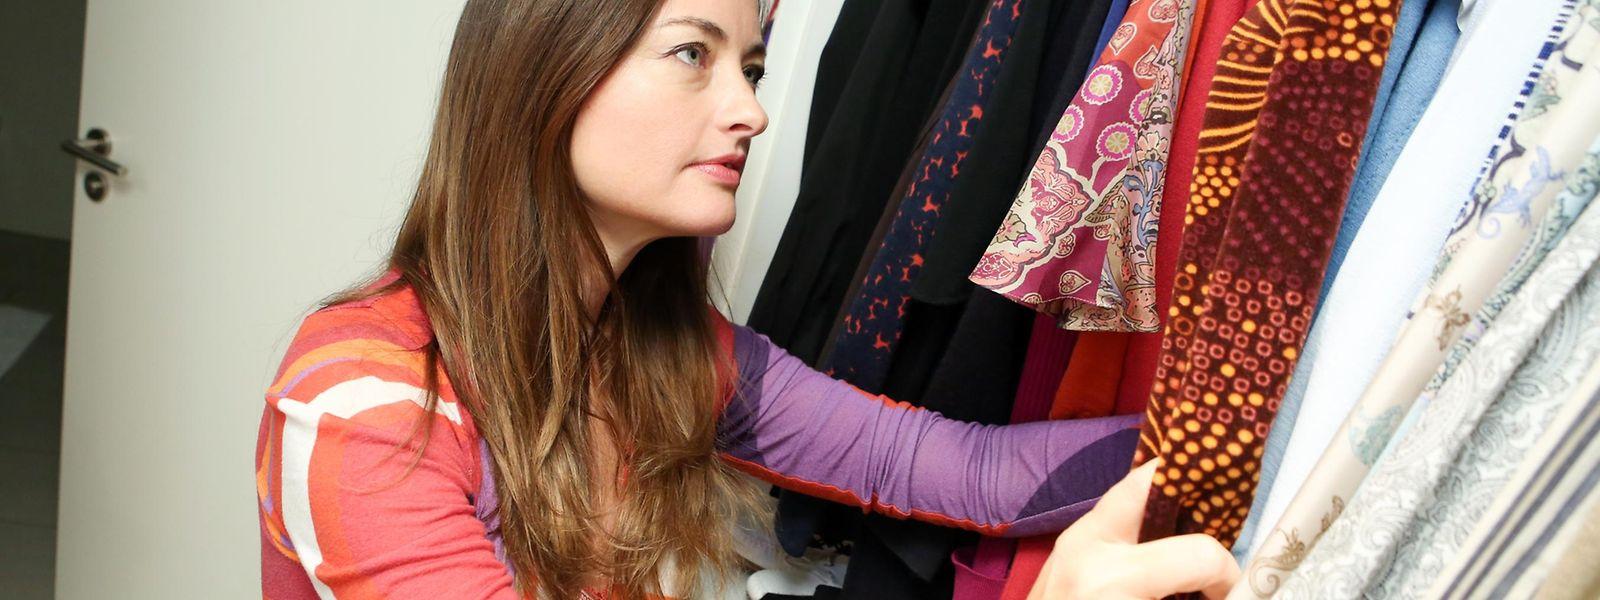 Wie wär's mit Ausmisten vor dem Frühjahrsputz? Im Kleiderschrank hängt doch eigentlich immer etwas, das man schon ewig nicht mehr anhatte.